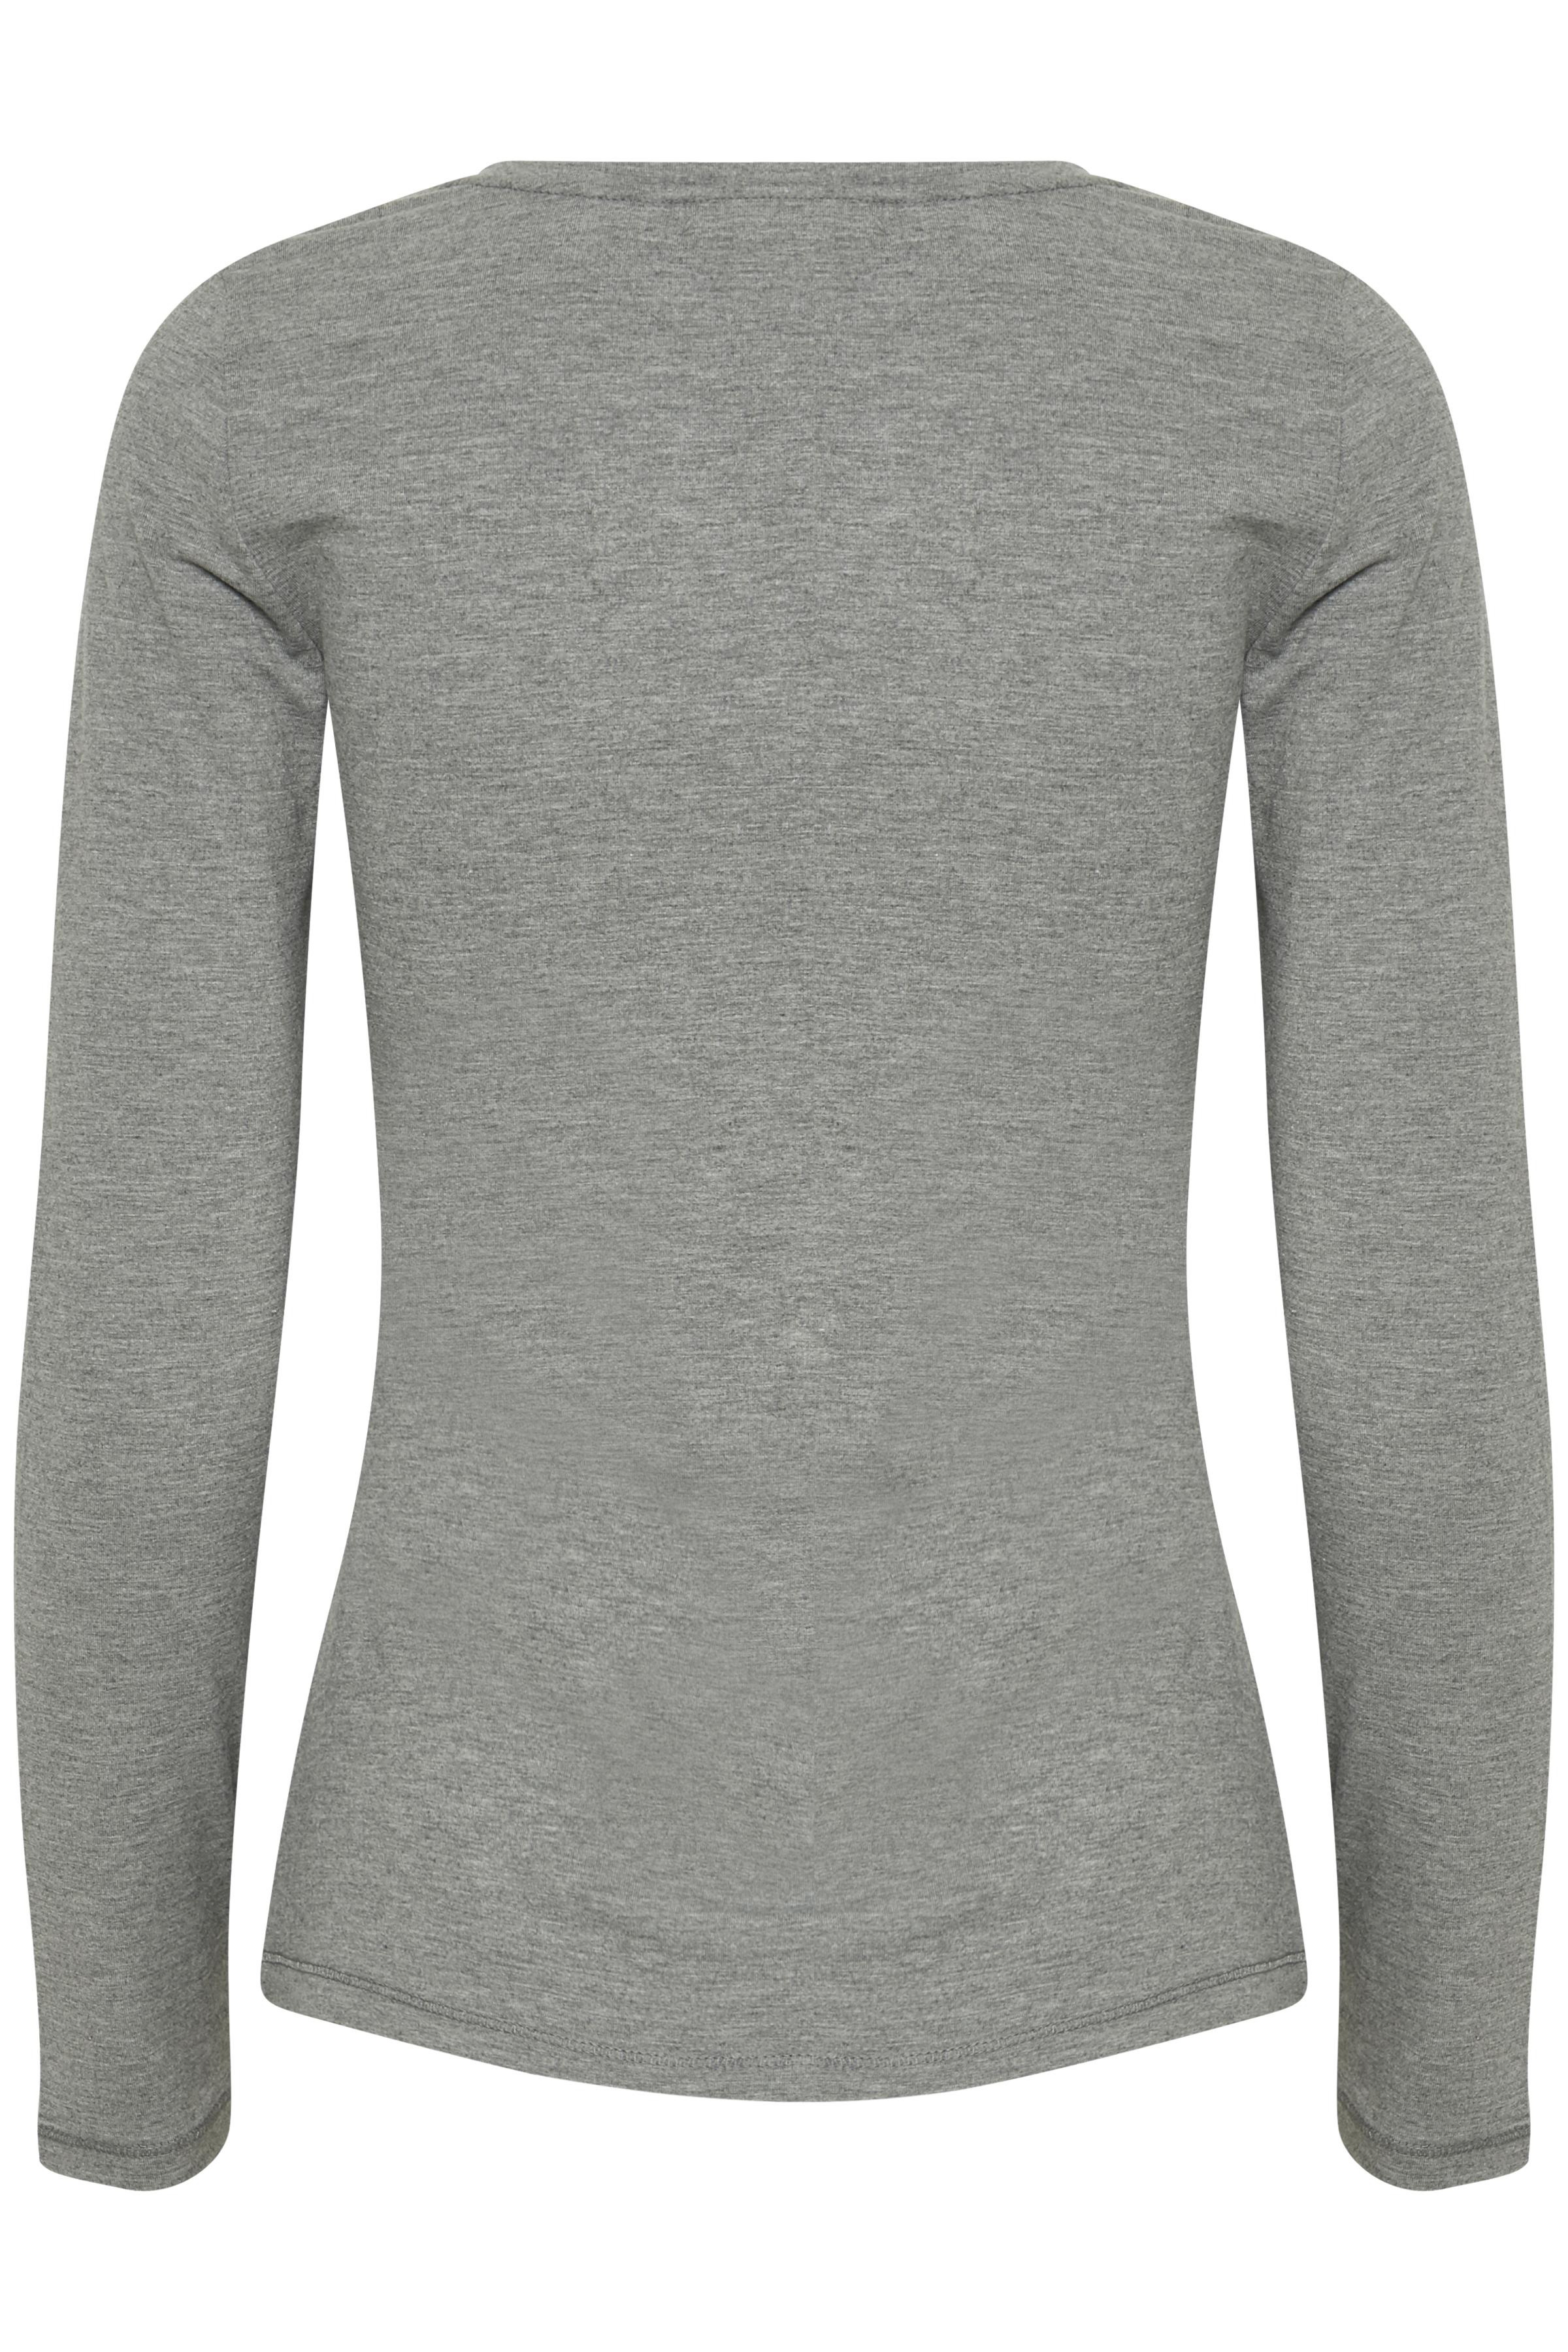 Gråmeleret Langærmet T-shirt fra Fransa – Køb Gråmeleret Langærmet T-shirt fra str. XS-XXL her